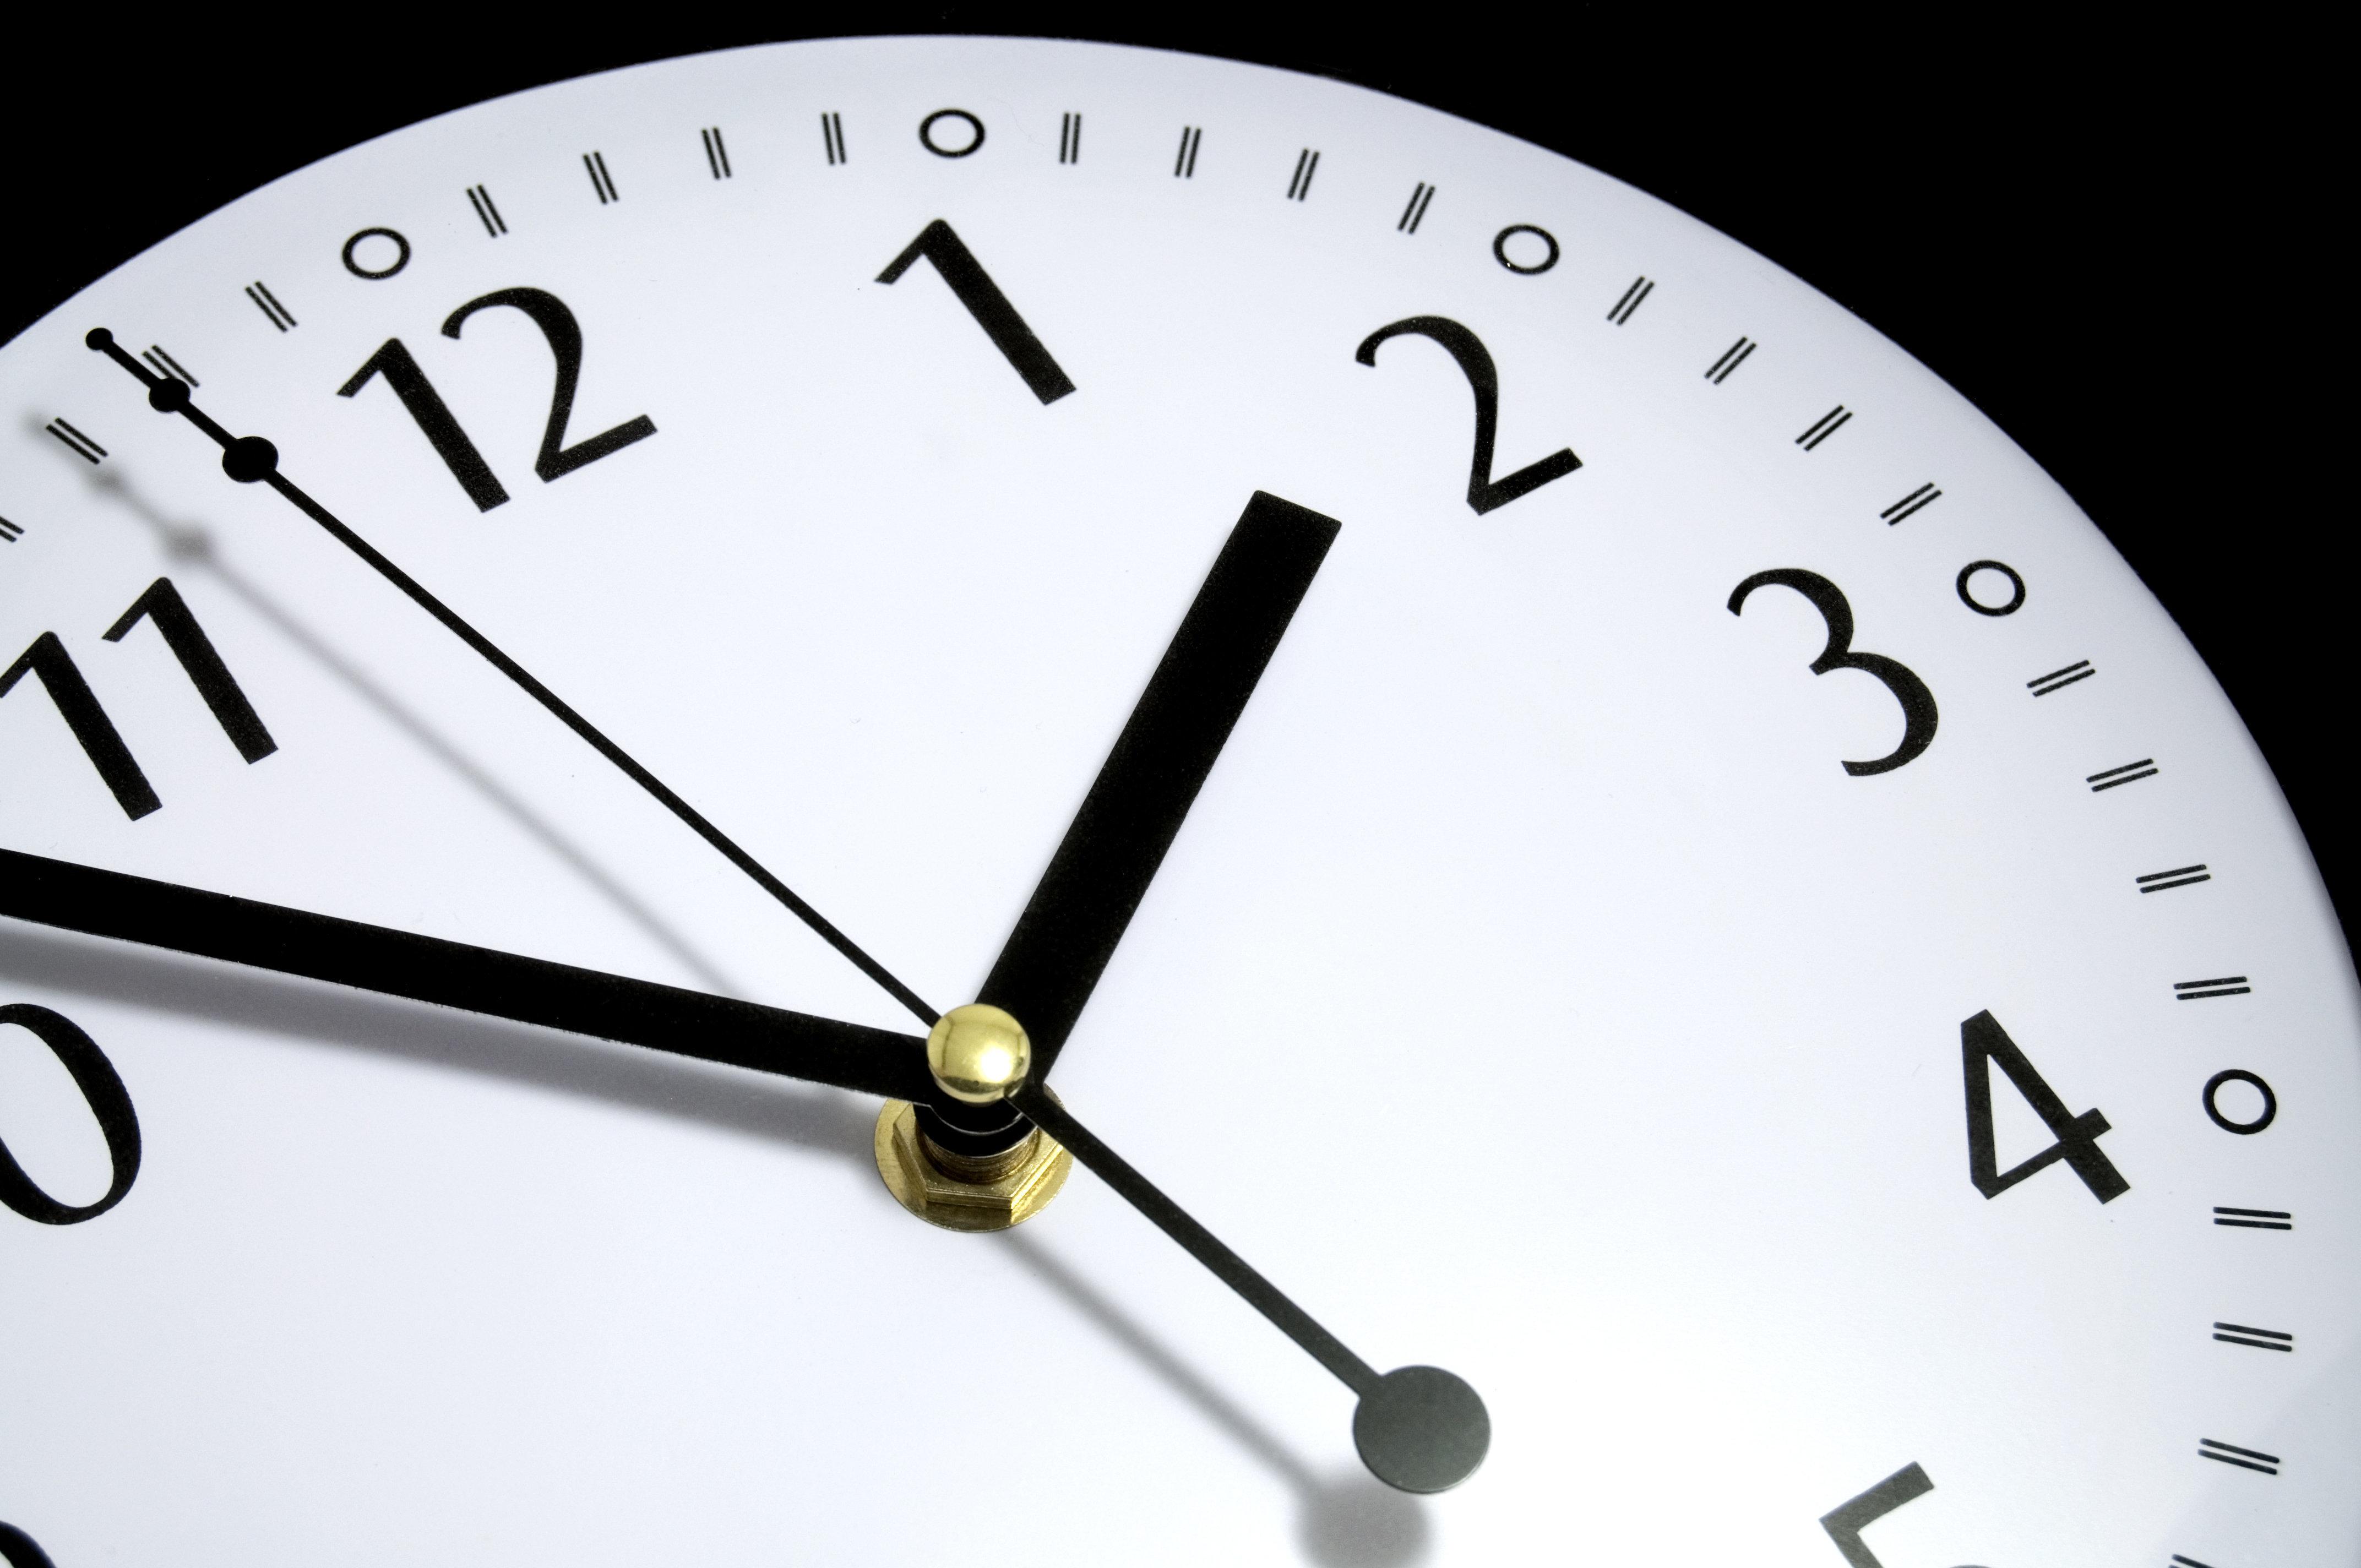 Dernier changement d'heure de l'année, le Maroc repasse à GMT ce dimanche 28